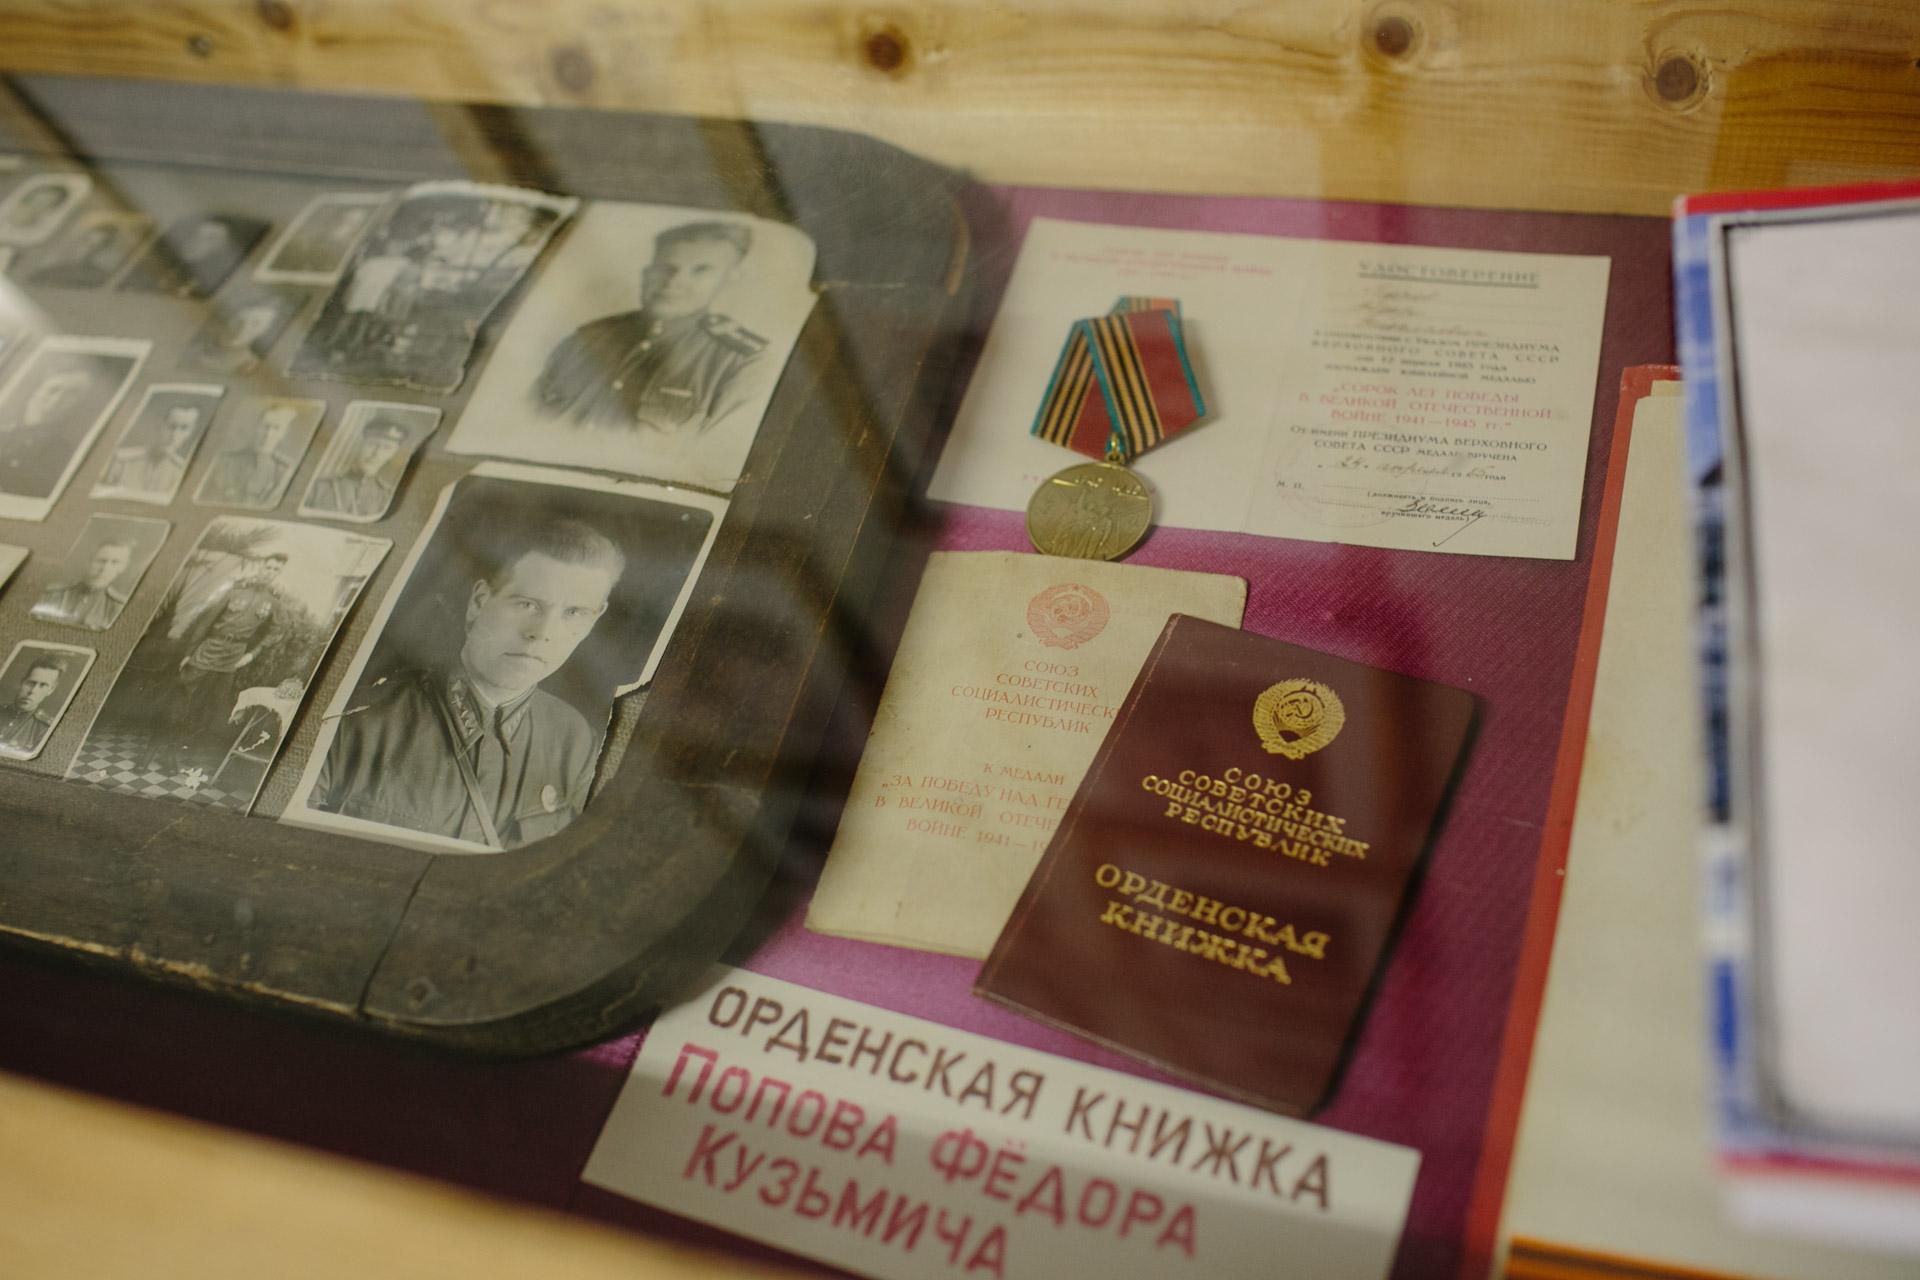 Орденская книжка Попова Федора Кузьмича